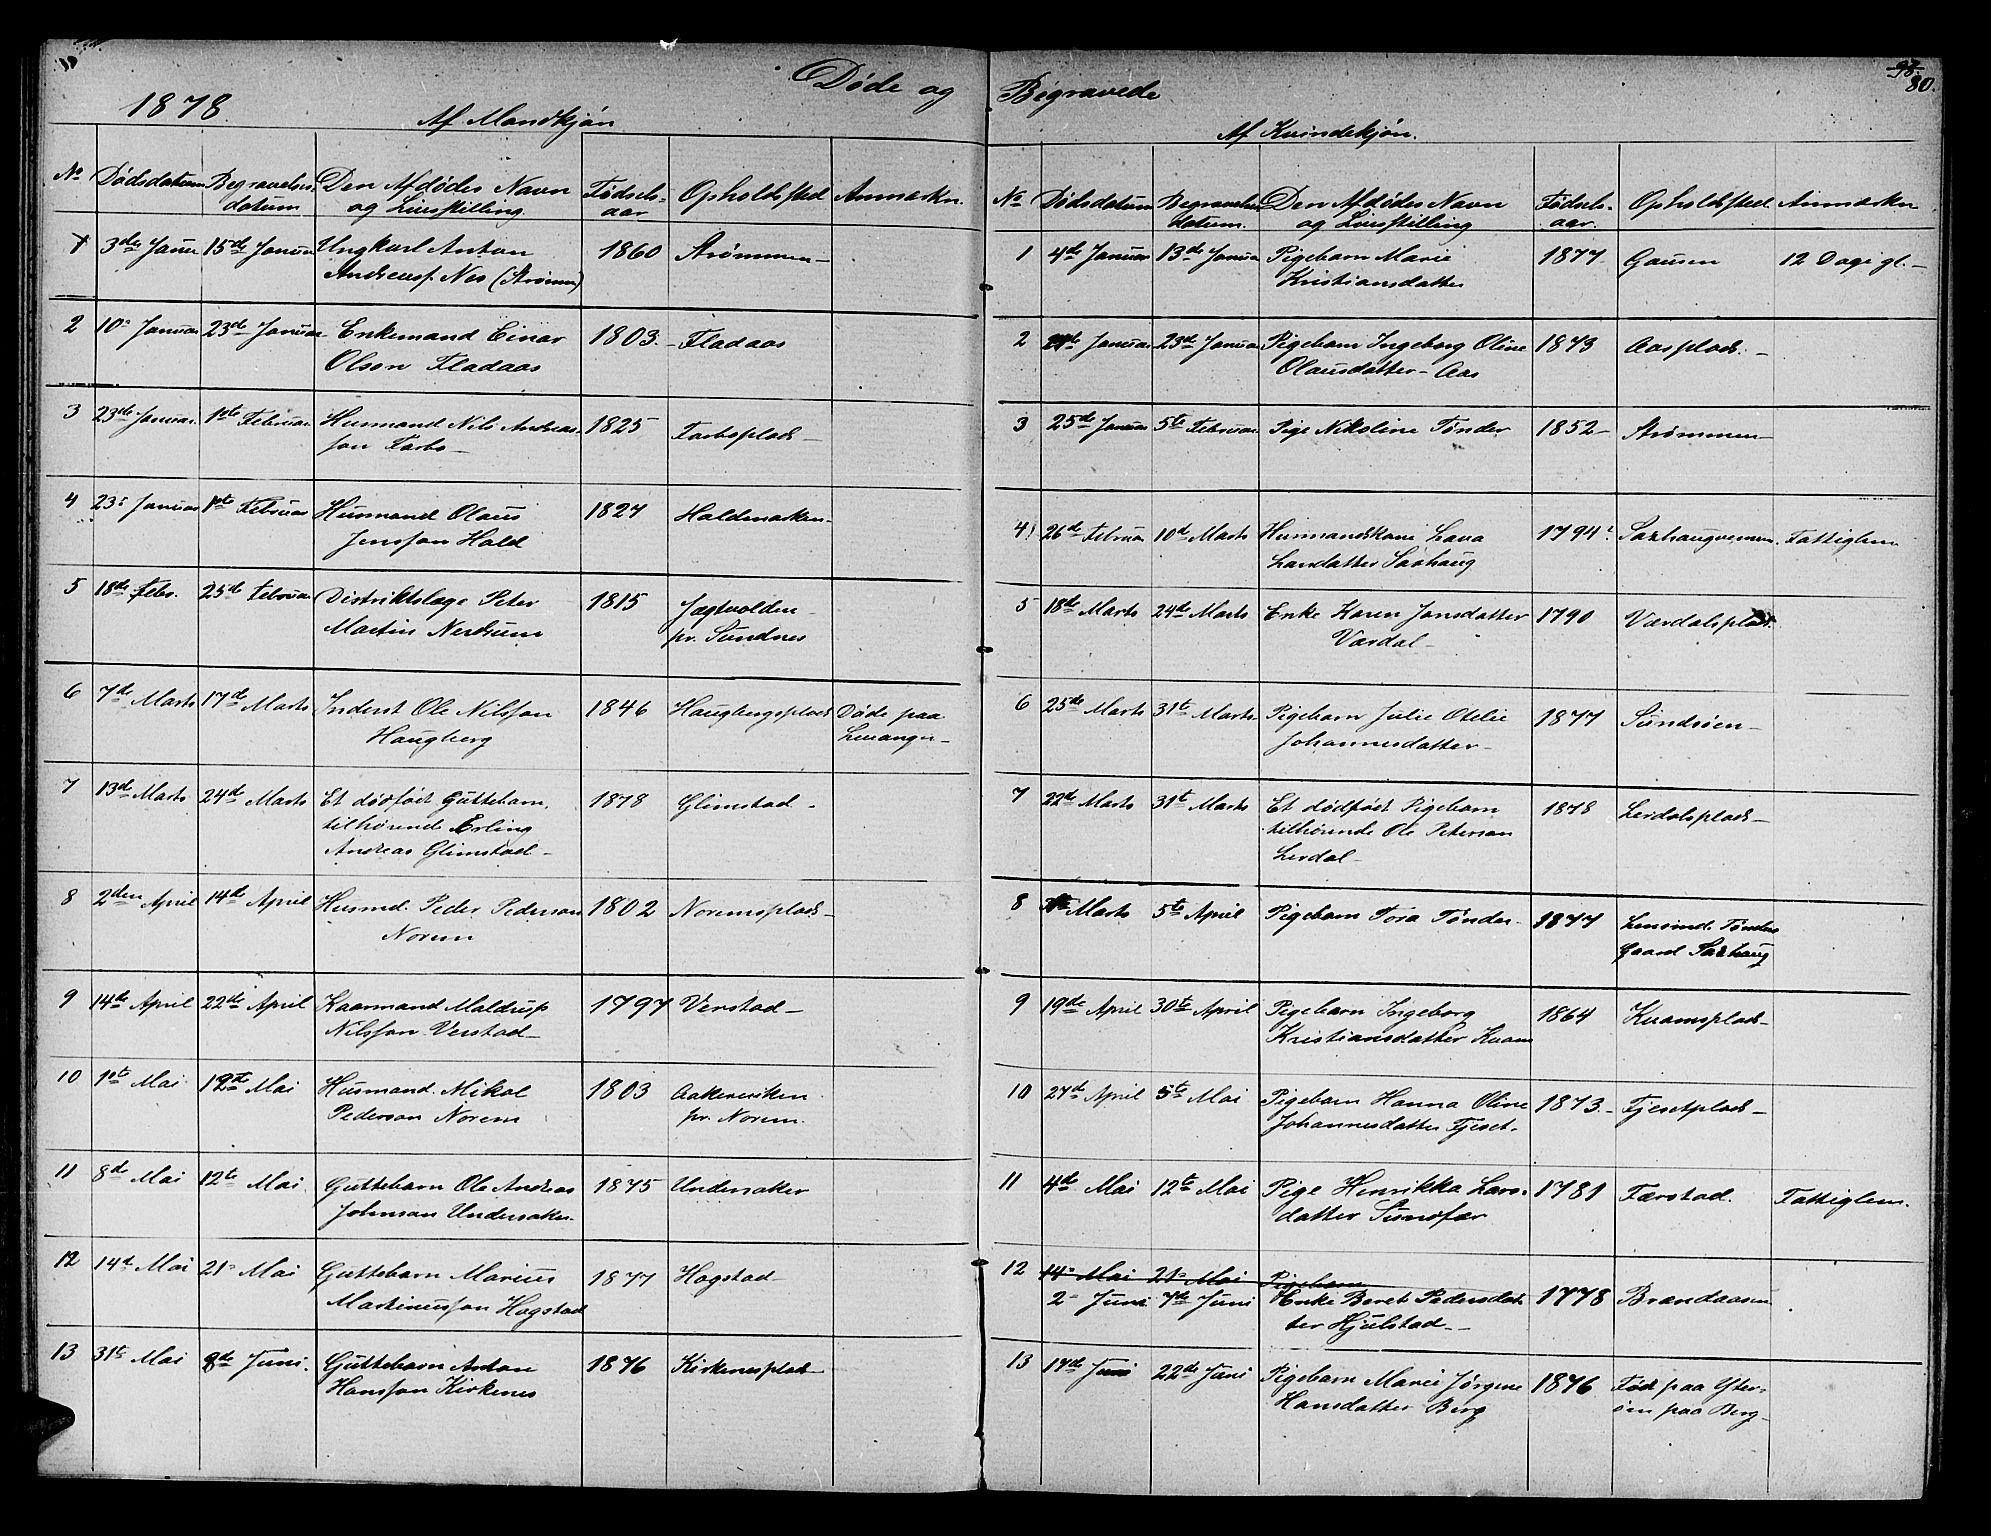 SAT, Ministerialprotokoller, klokkerbøker og fødselsregistre - Nord-Trøndelag, 730/L0300: Klokkerbok nr. 730C03, 1872-1879, s. 80